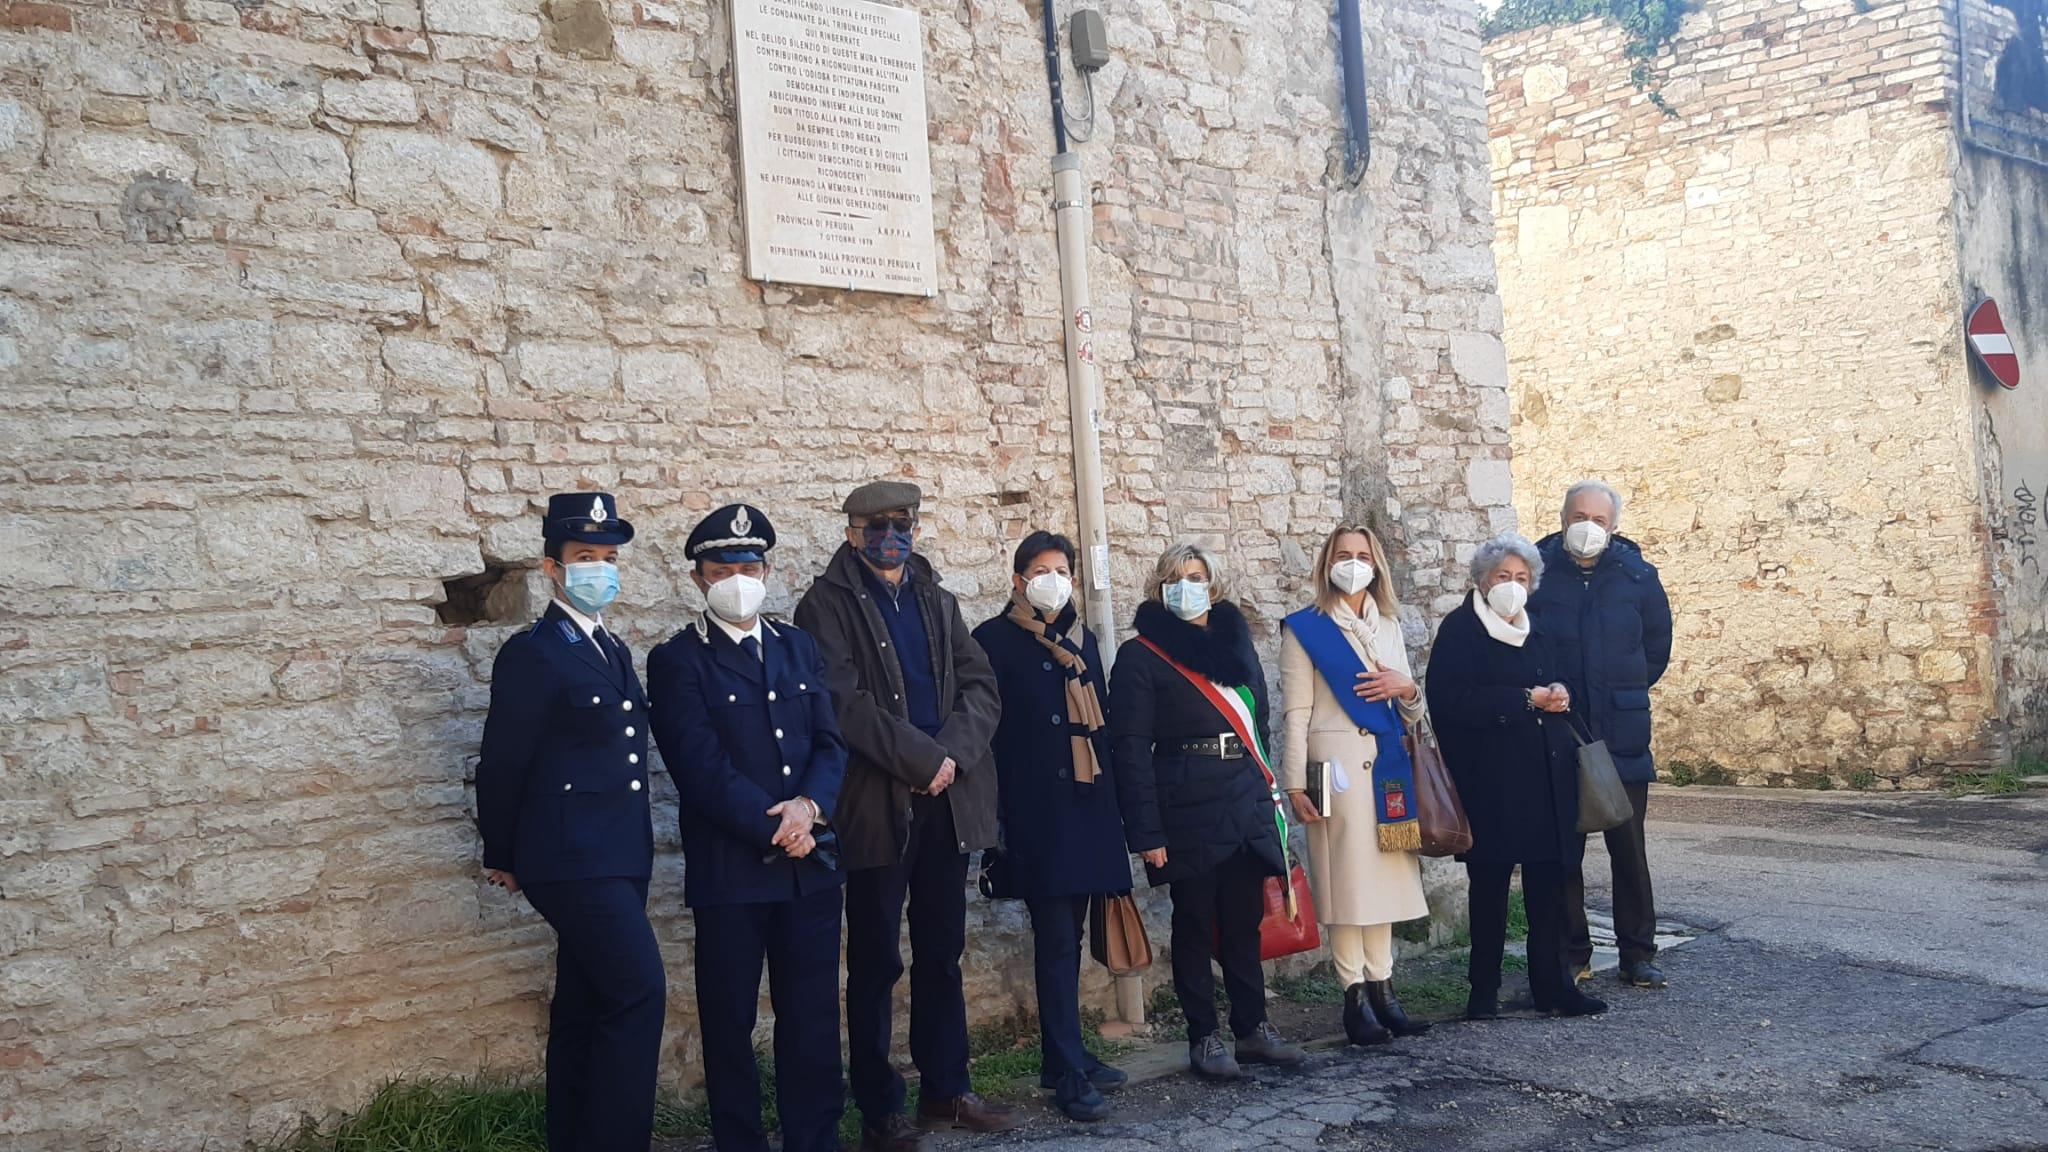 La Provincia ripristina la targa commemorativa a 23 donne partigiane, posta sulle mura dell'ex carcere femminile di Perugia